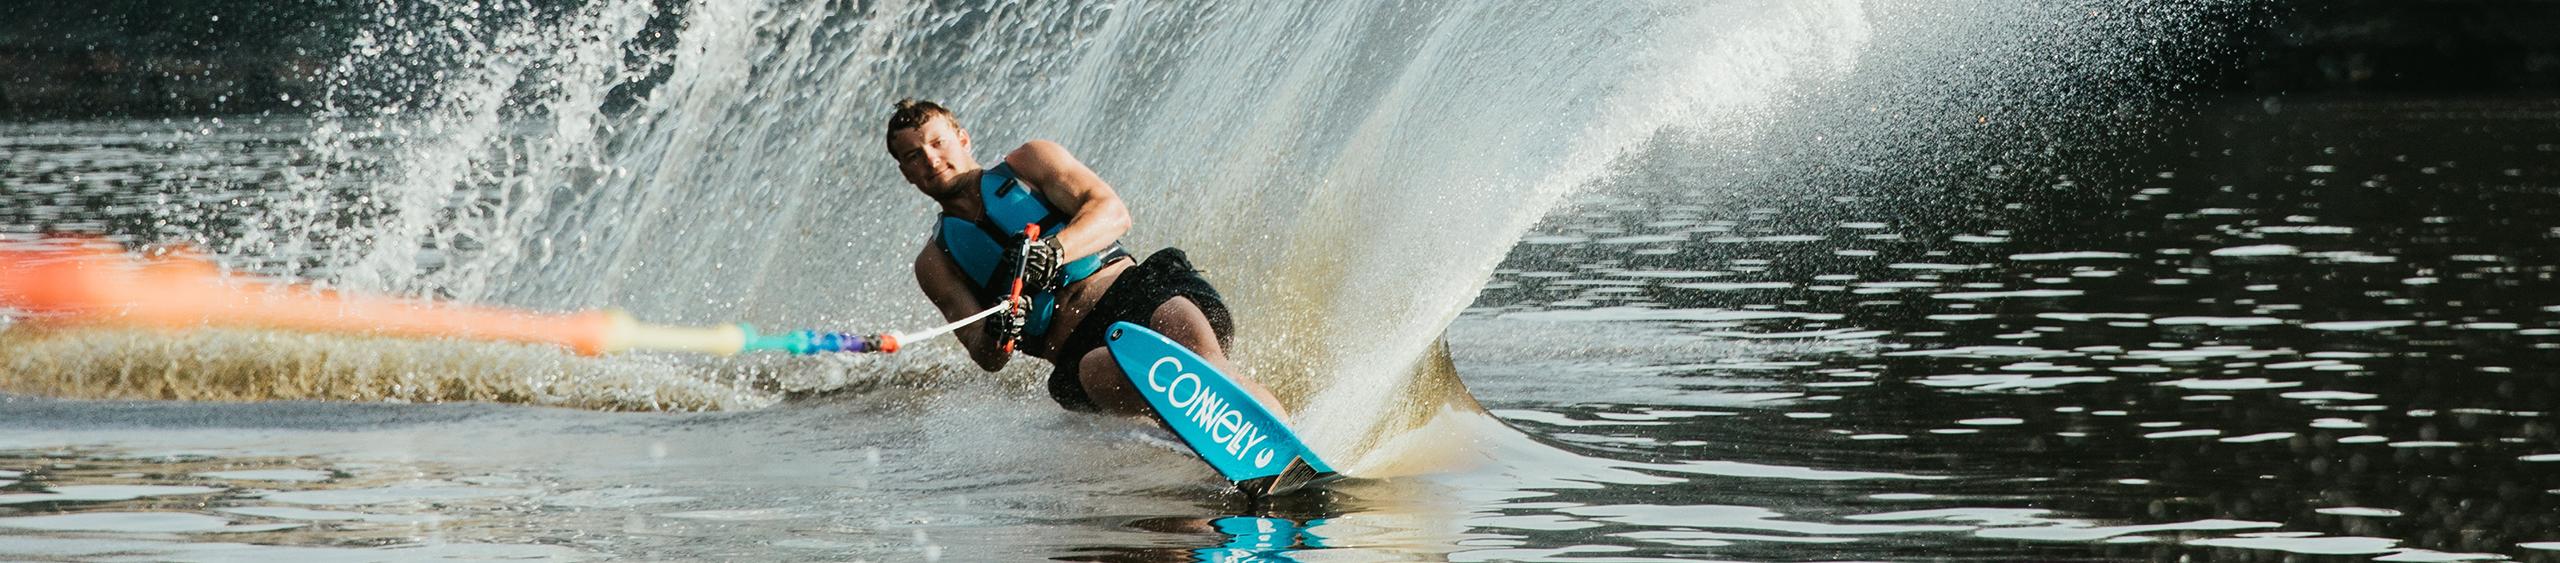 waterskiing on leech lake